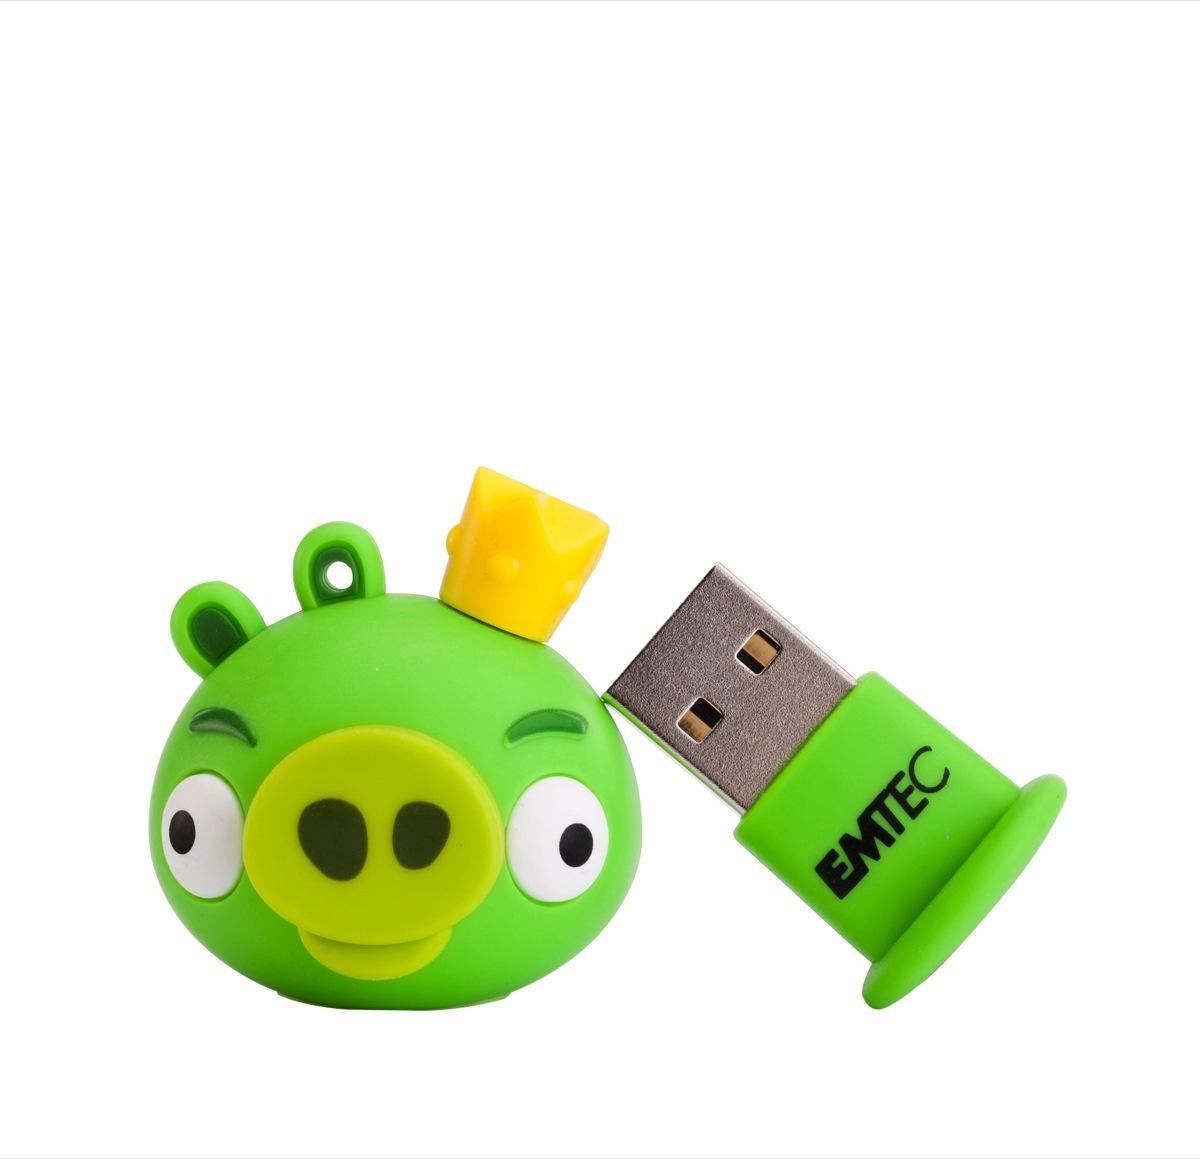 Foto de Angry Birds memoria USB (12/13)